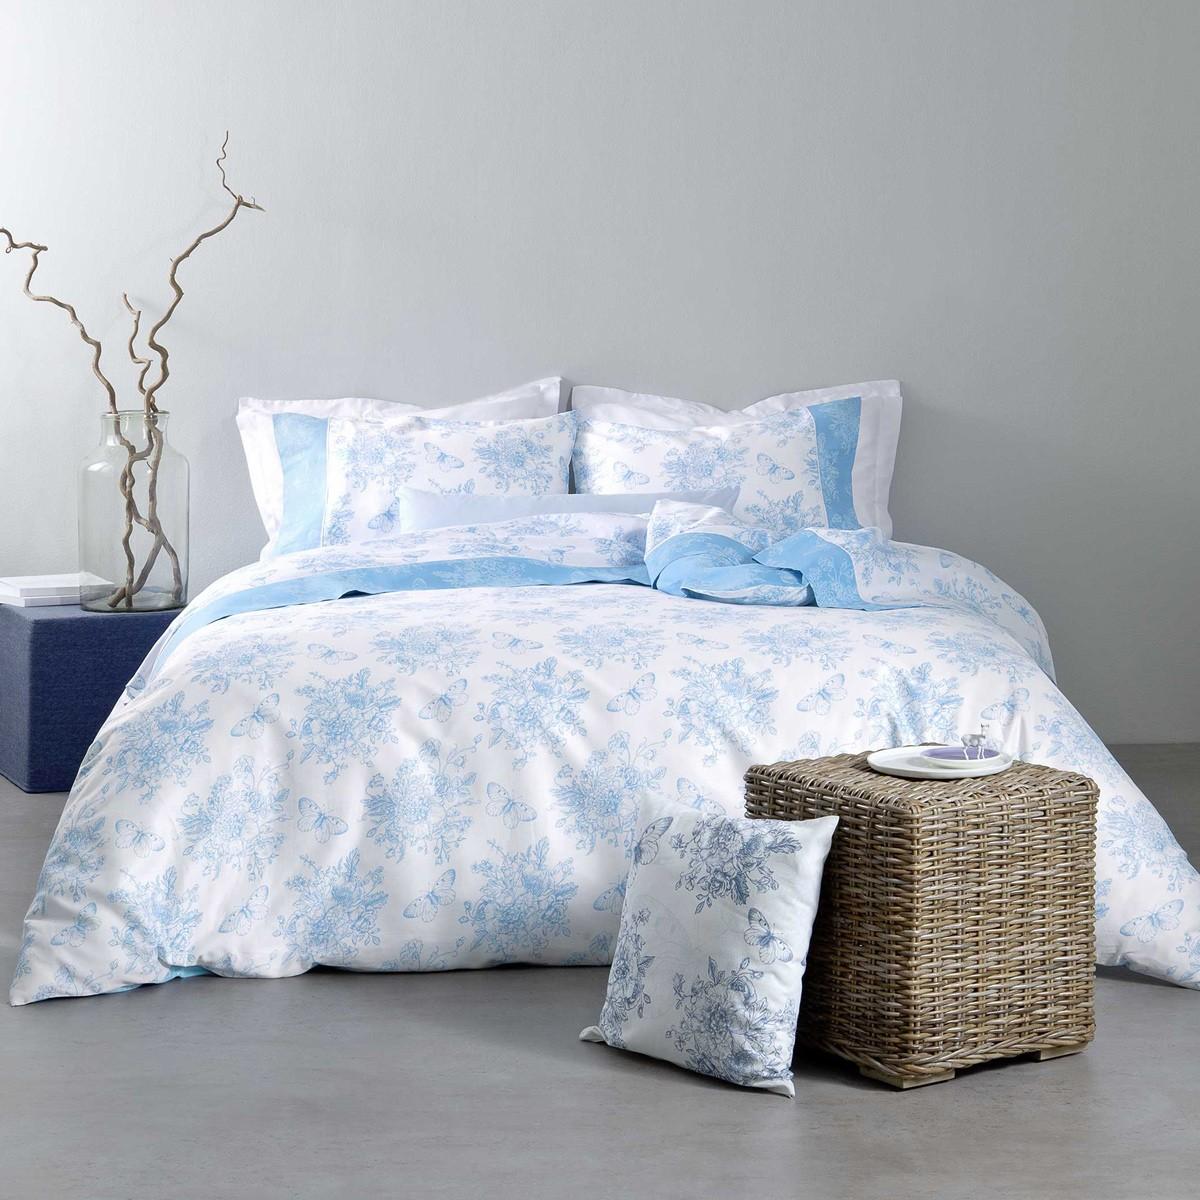 Σεντόνια Υπέρδιπλα (Σετ) Nima Bed Linen Whitehall Blue